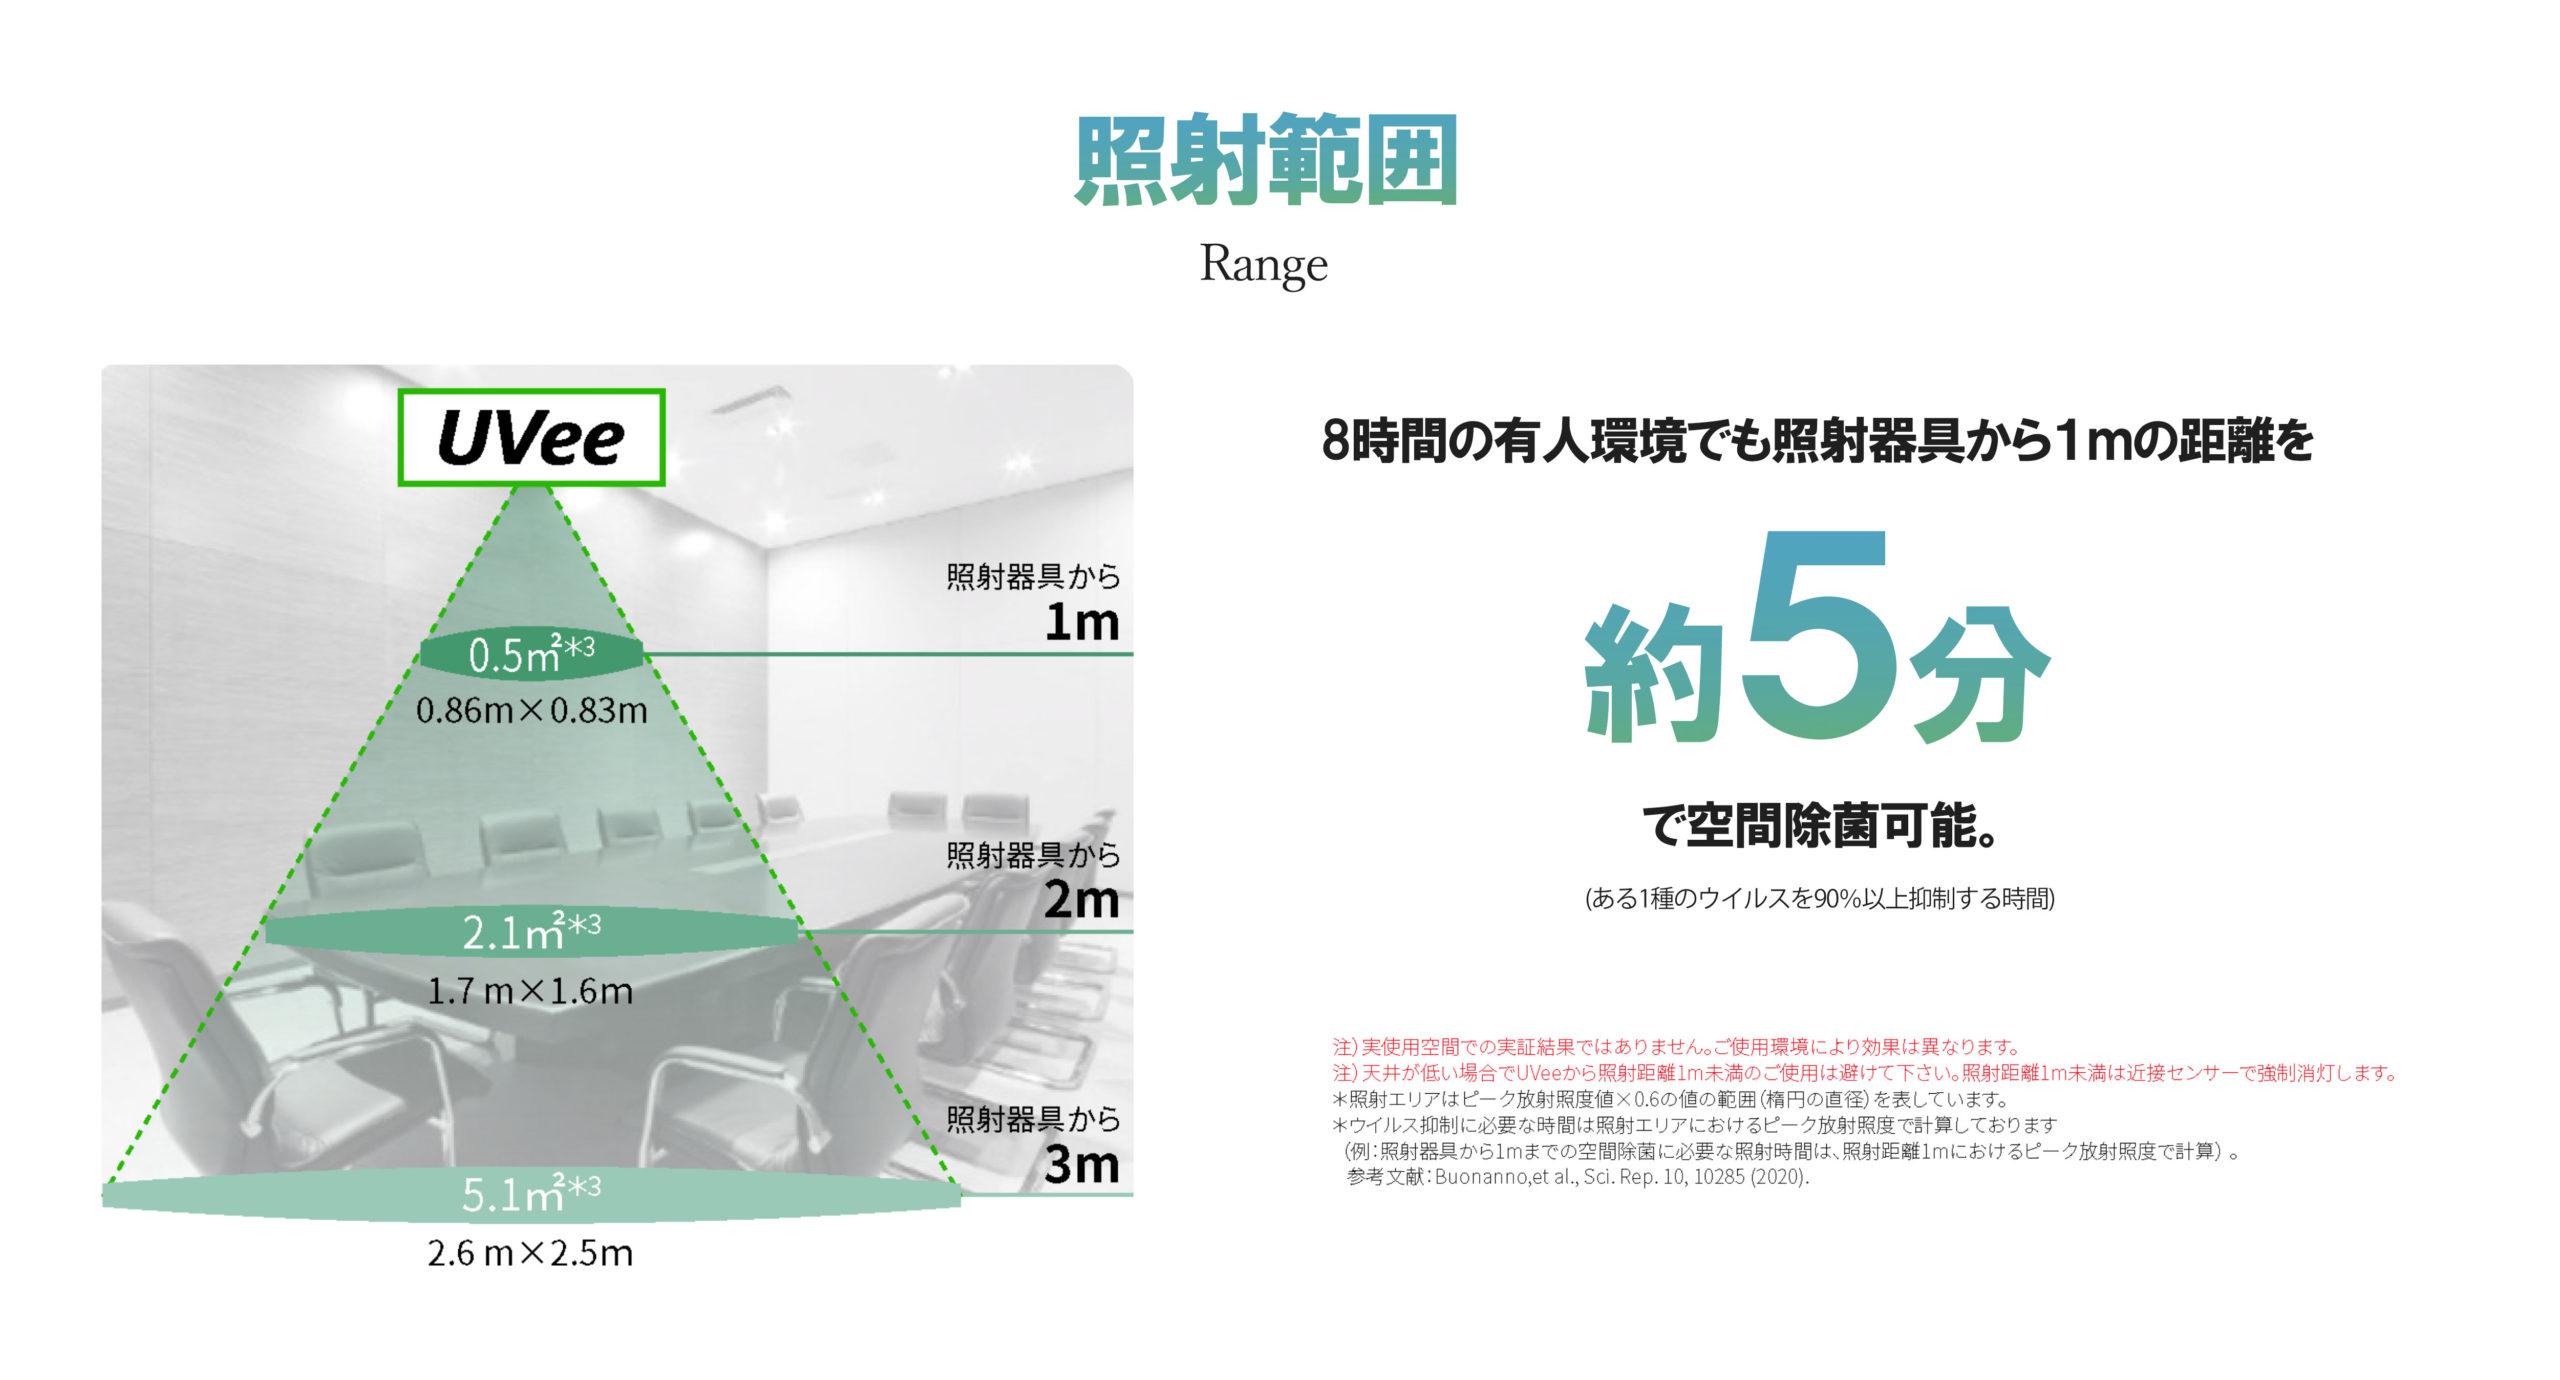 照射範囲は1m~3mで、8時間の友人環境でも照射器具から1mの距離を約5分で除菌が可能です。